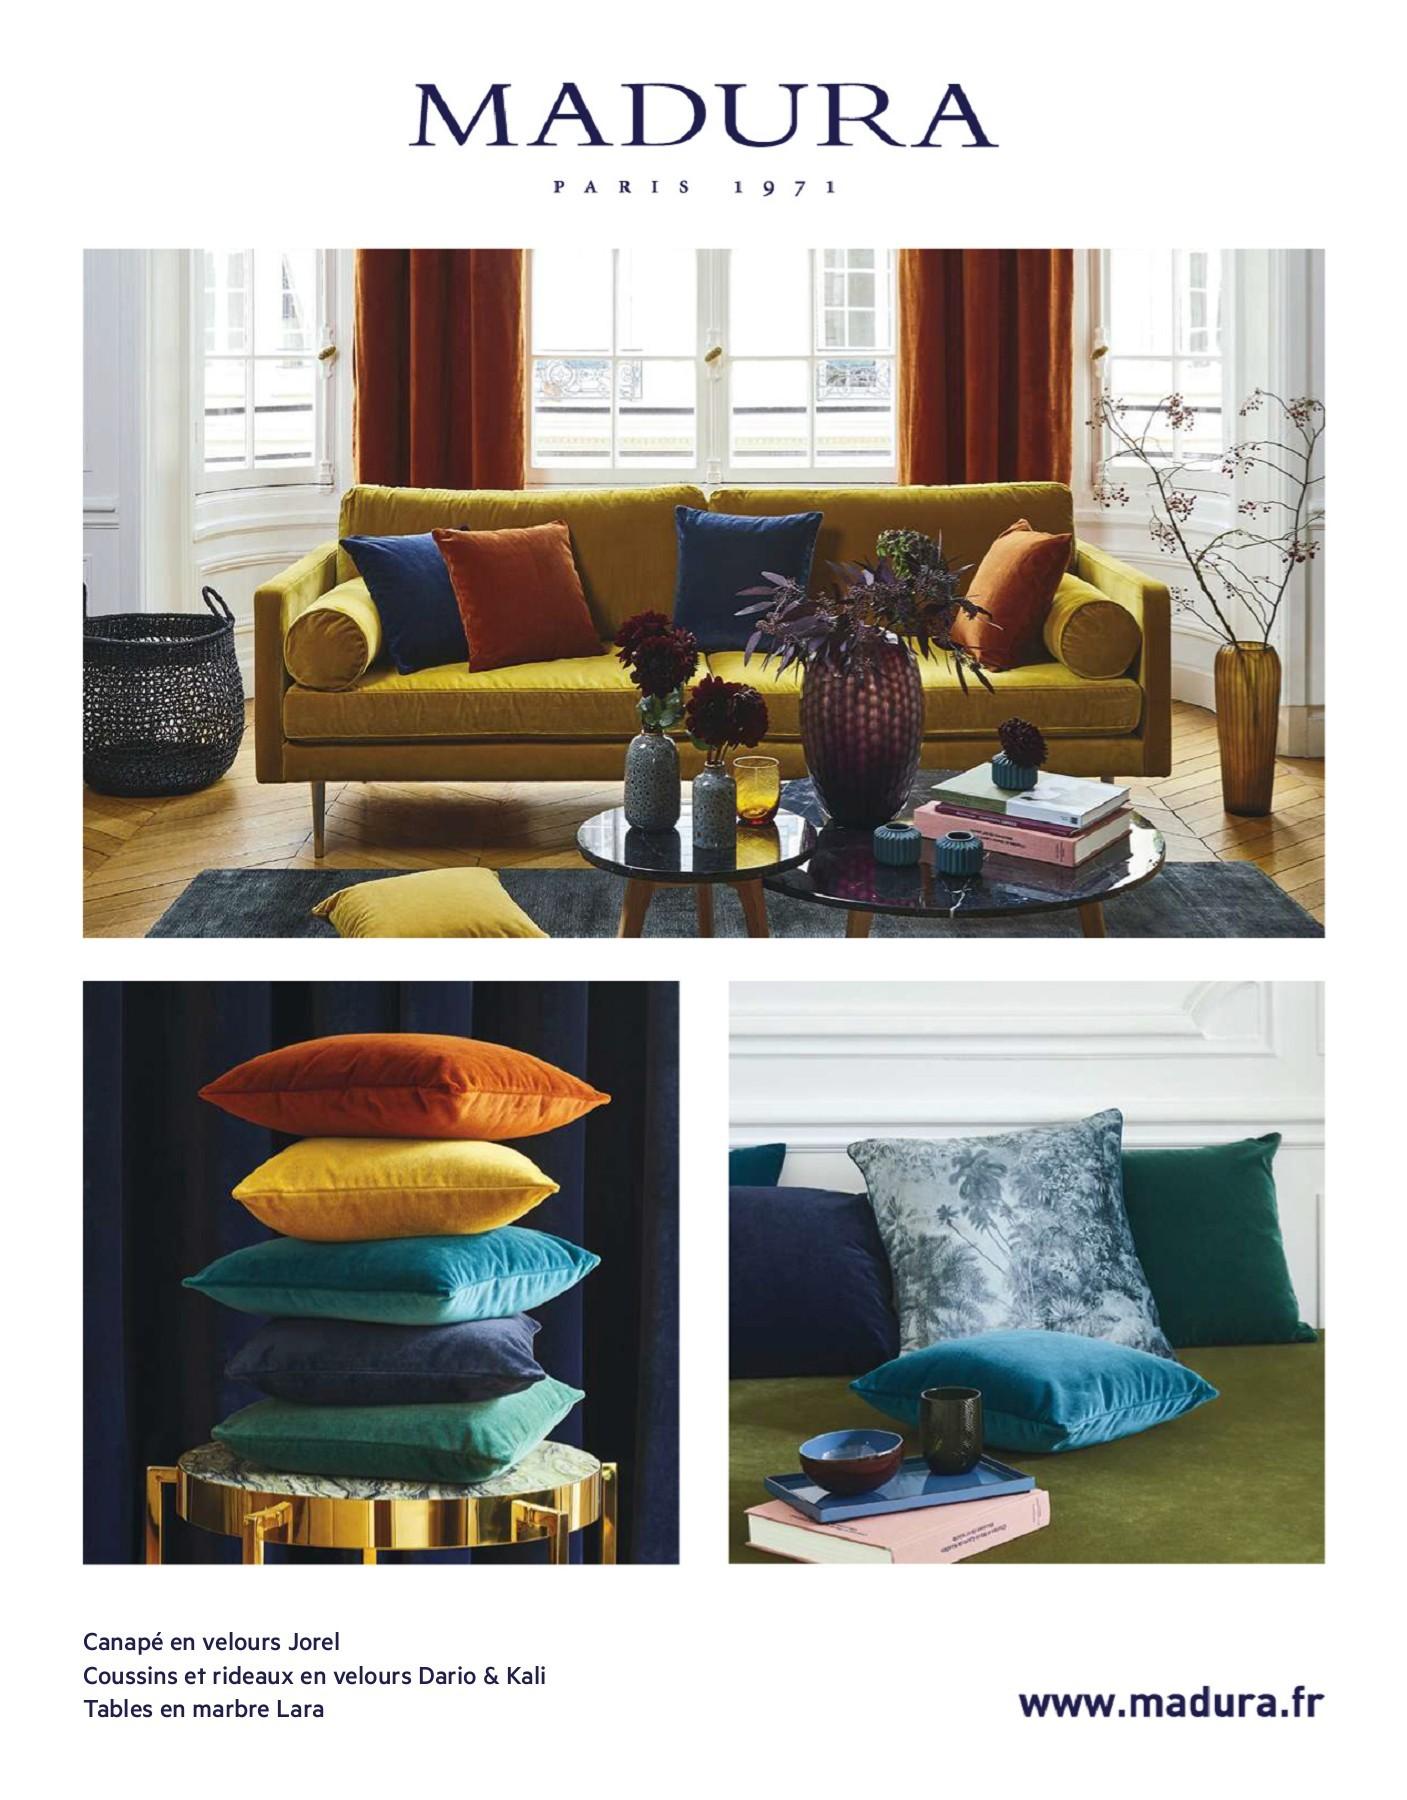 Table Basse Terrarium A Vendre ideat france_feb 2019-1-flip book pages 51-100   pubhtml5